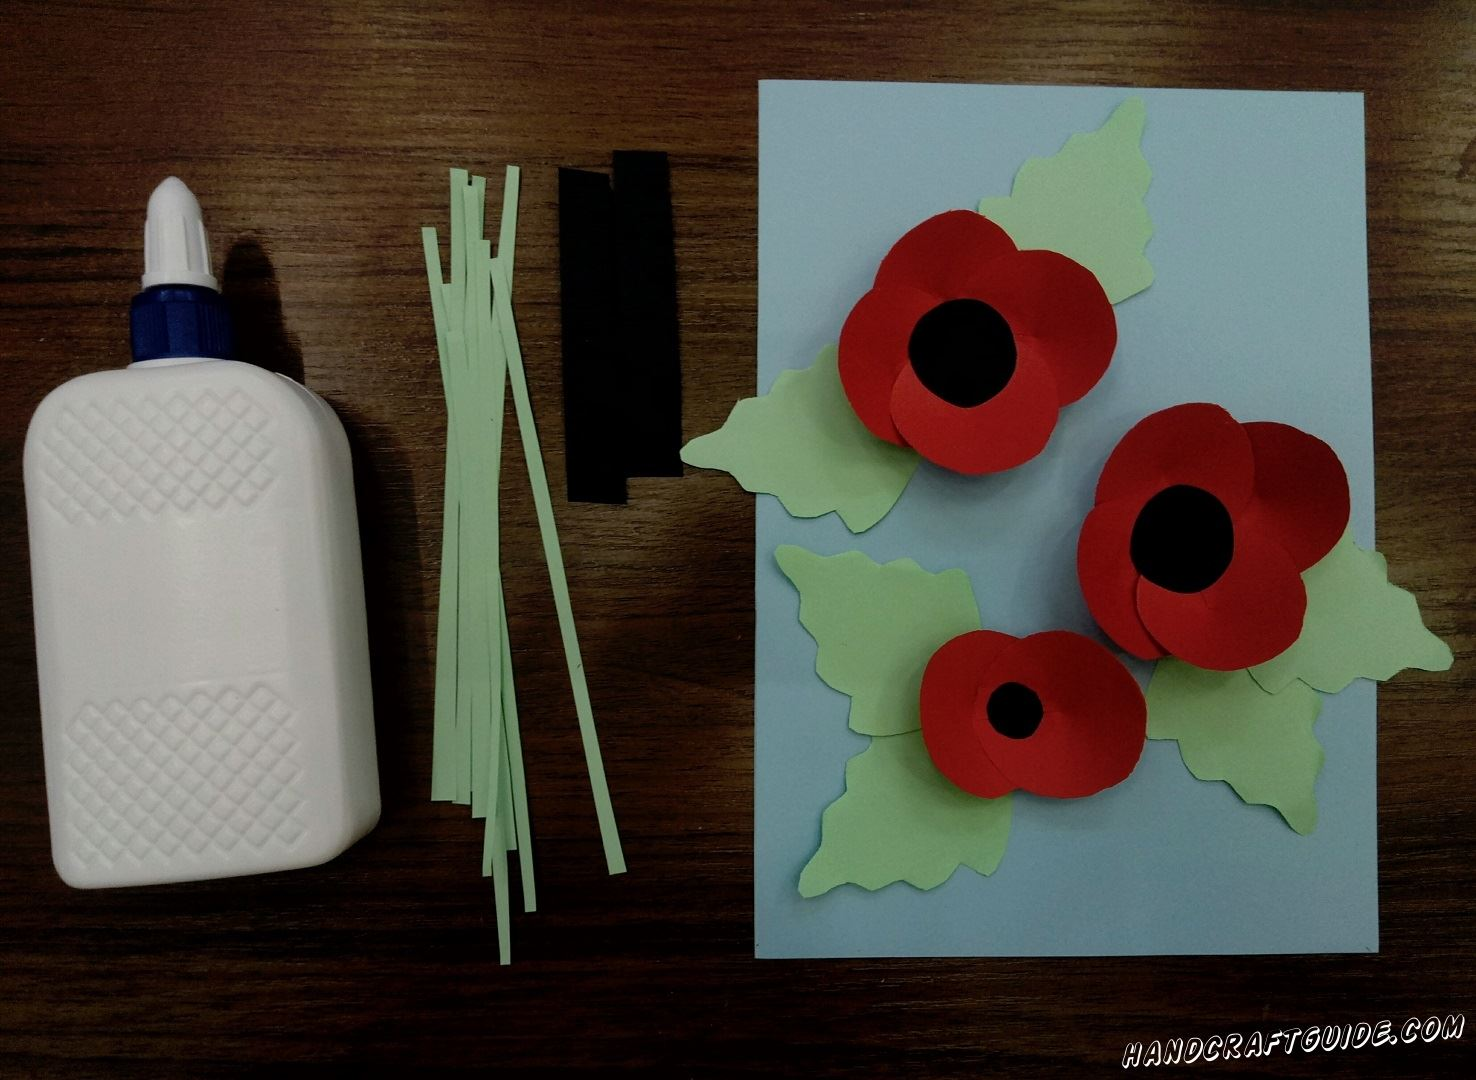 Далее, нам нужно взять наши чёрные кружки и вклеить их в каждый цветочек. Также под каждым нашим цветком нужно вклеить листочки